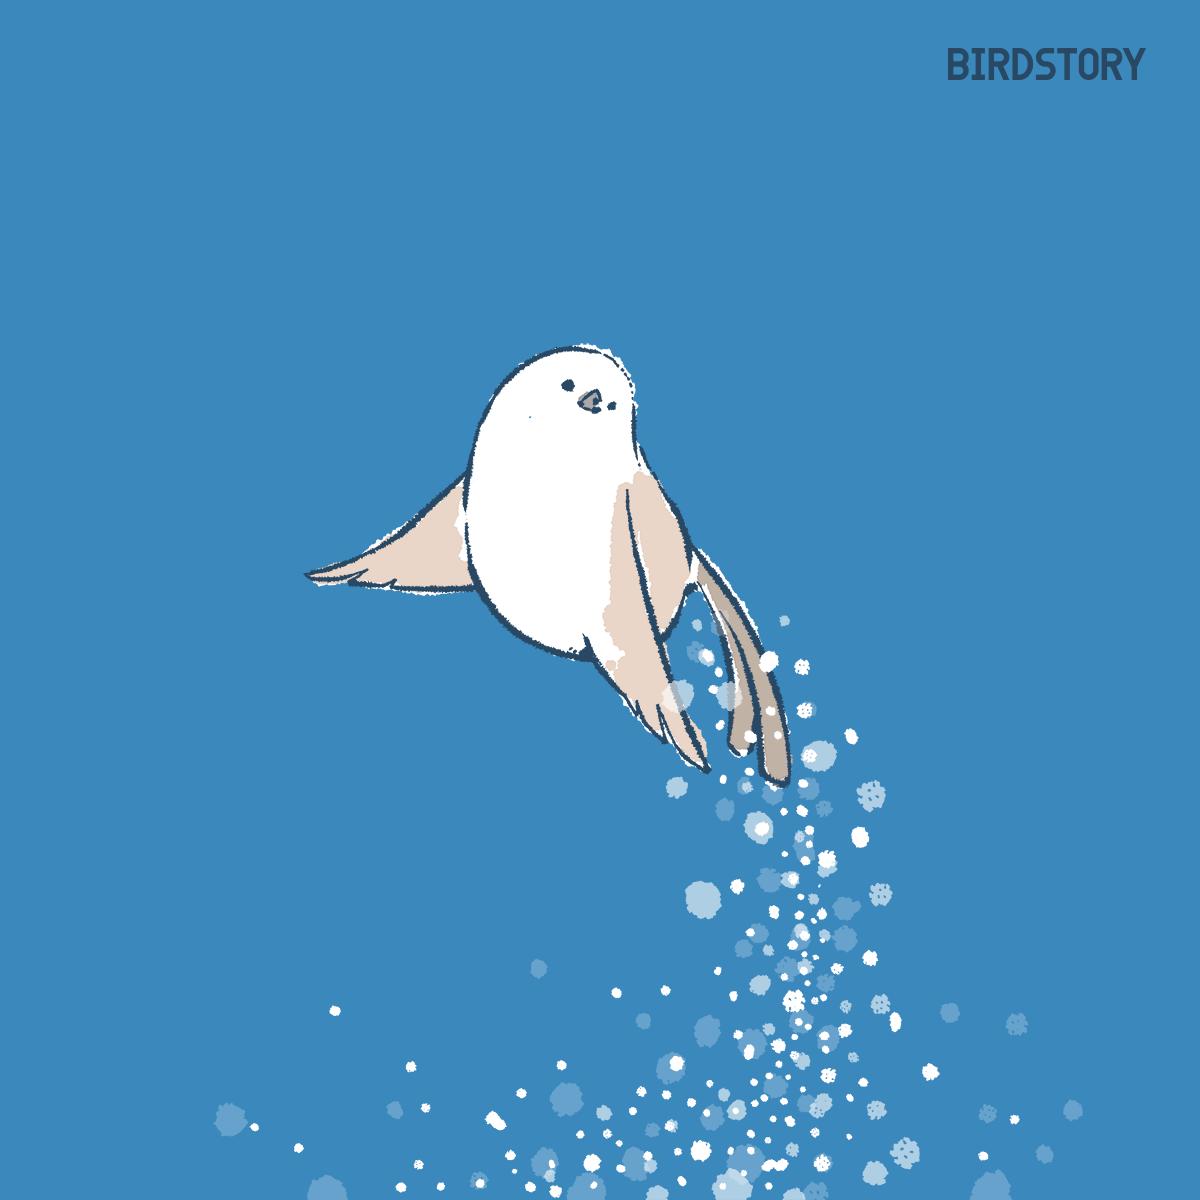 天使の囁きの日 ダイヤモンドダストとシマエナガのイラスト BIRDSTORY